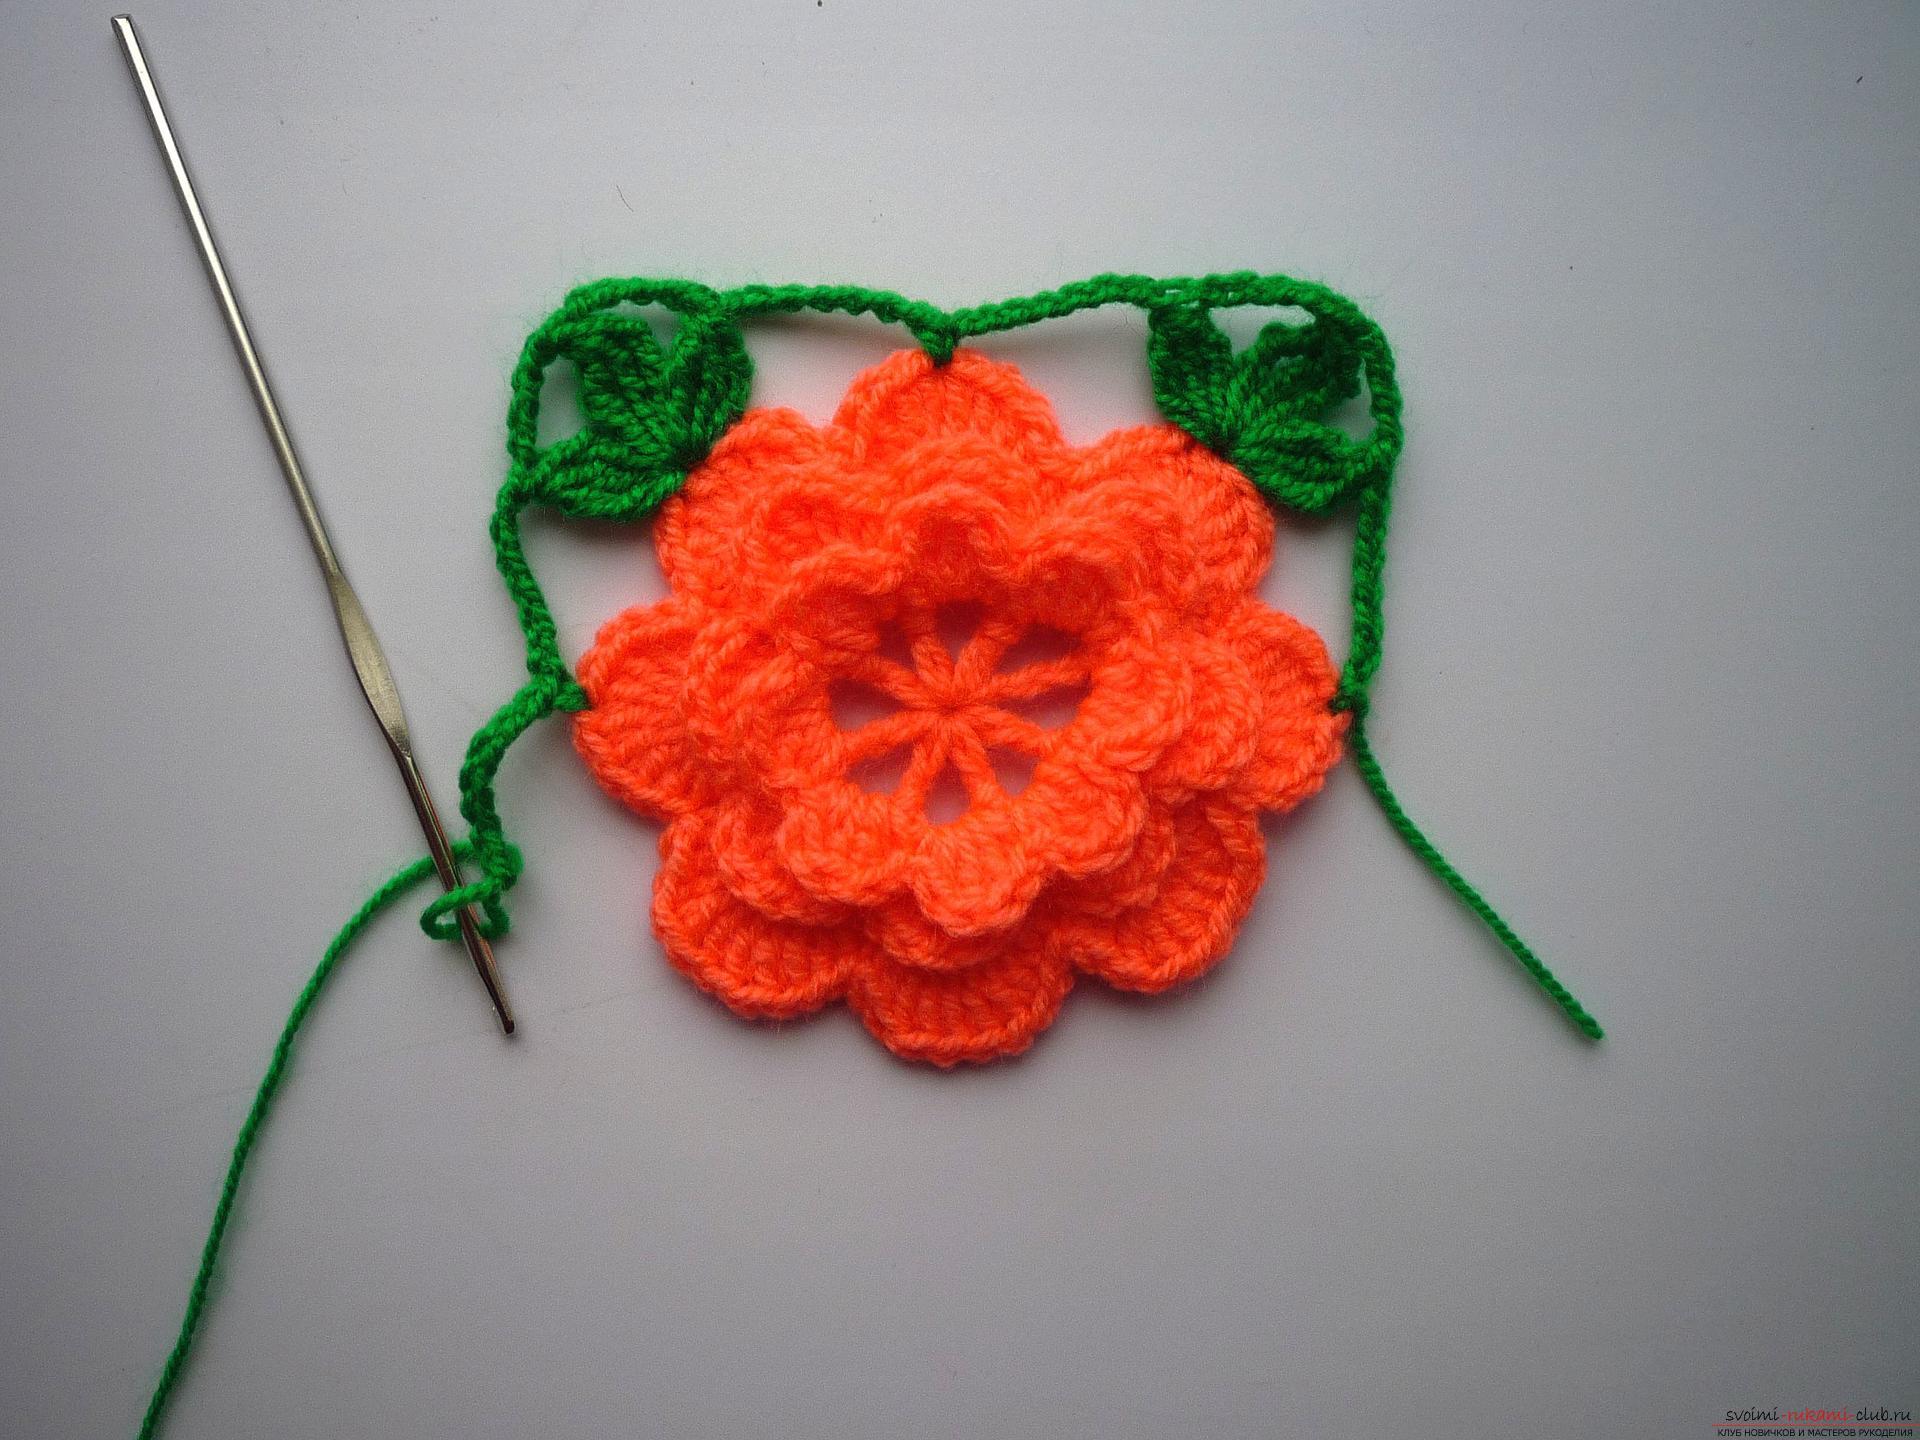 Мастер-класс с фото научит вязать симпатичные прихватки крючком с объемным цветком.. Фото №8